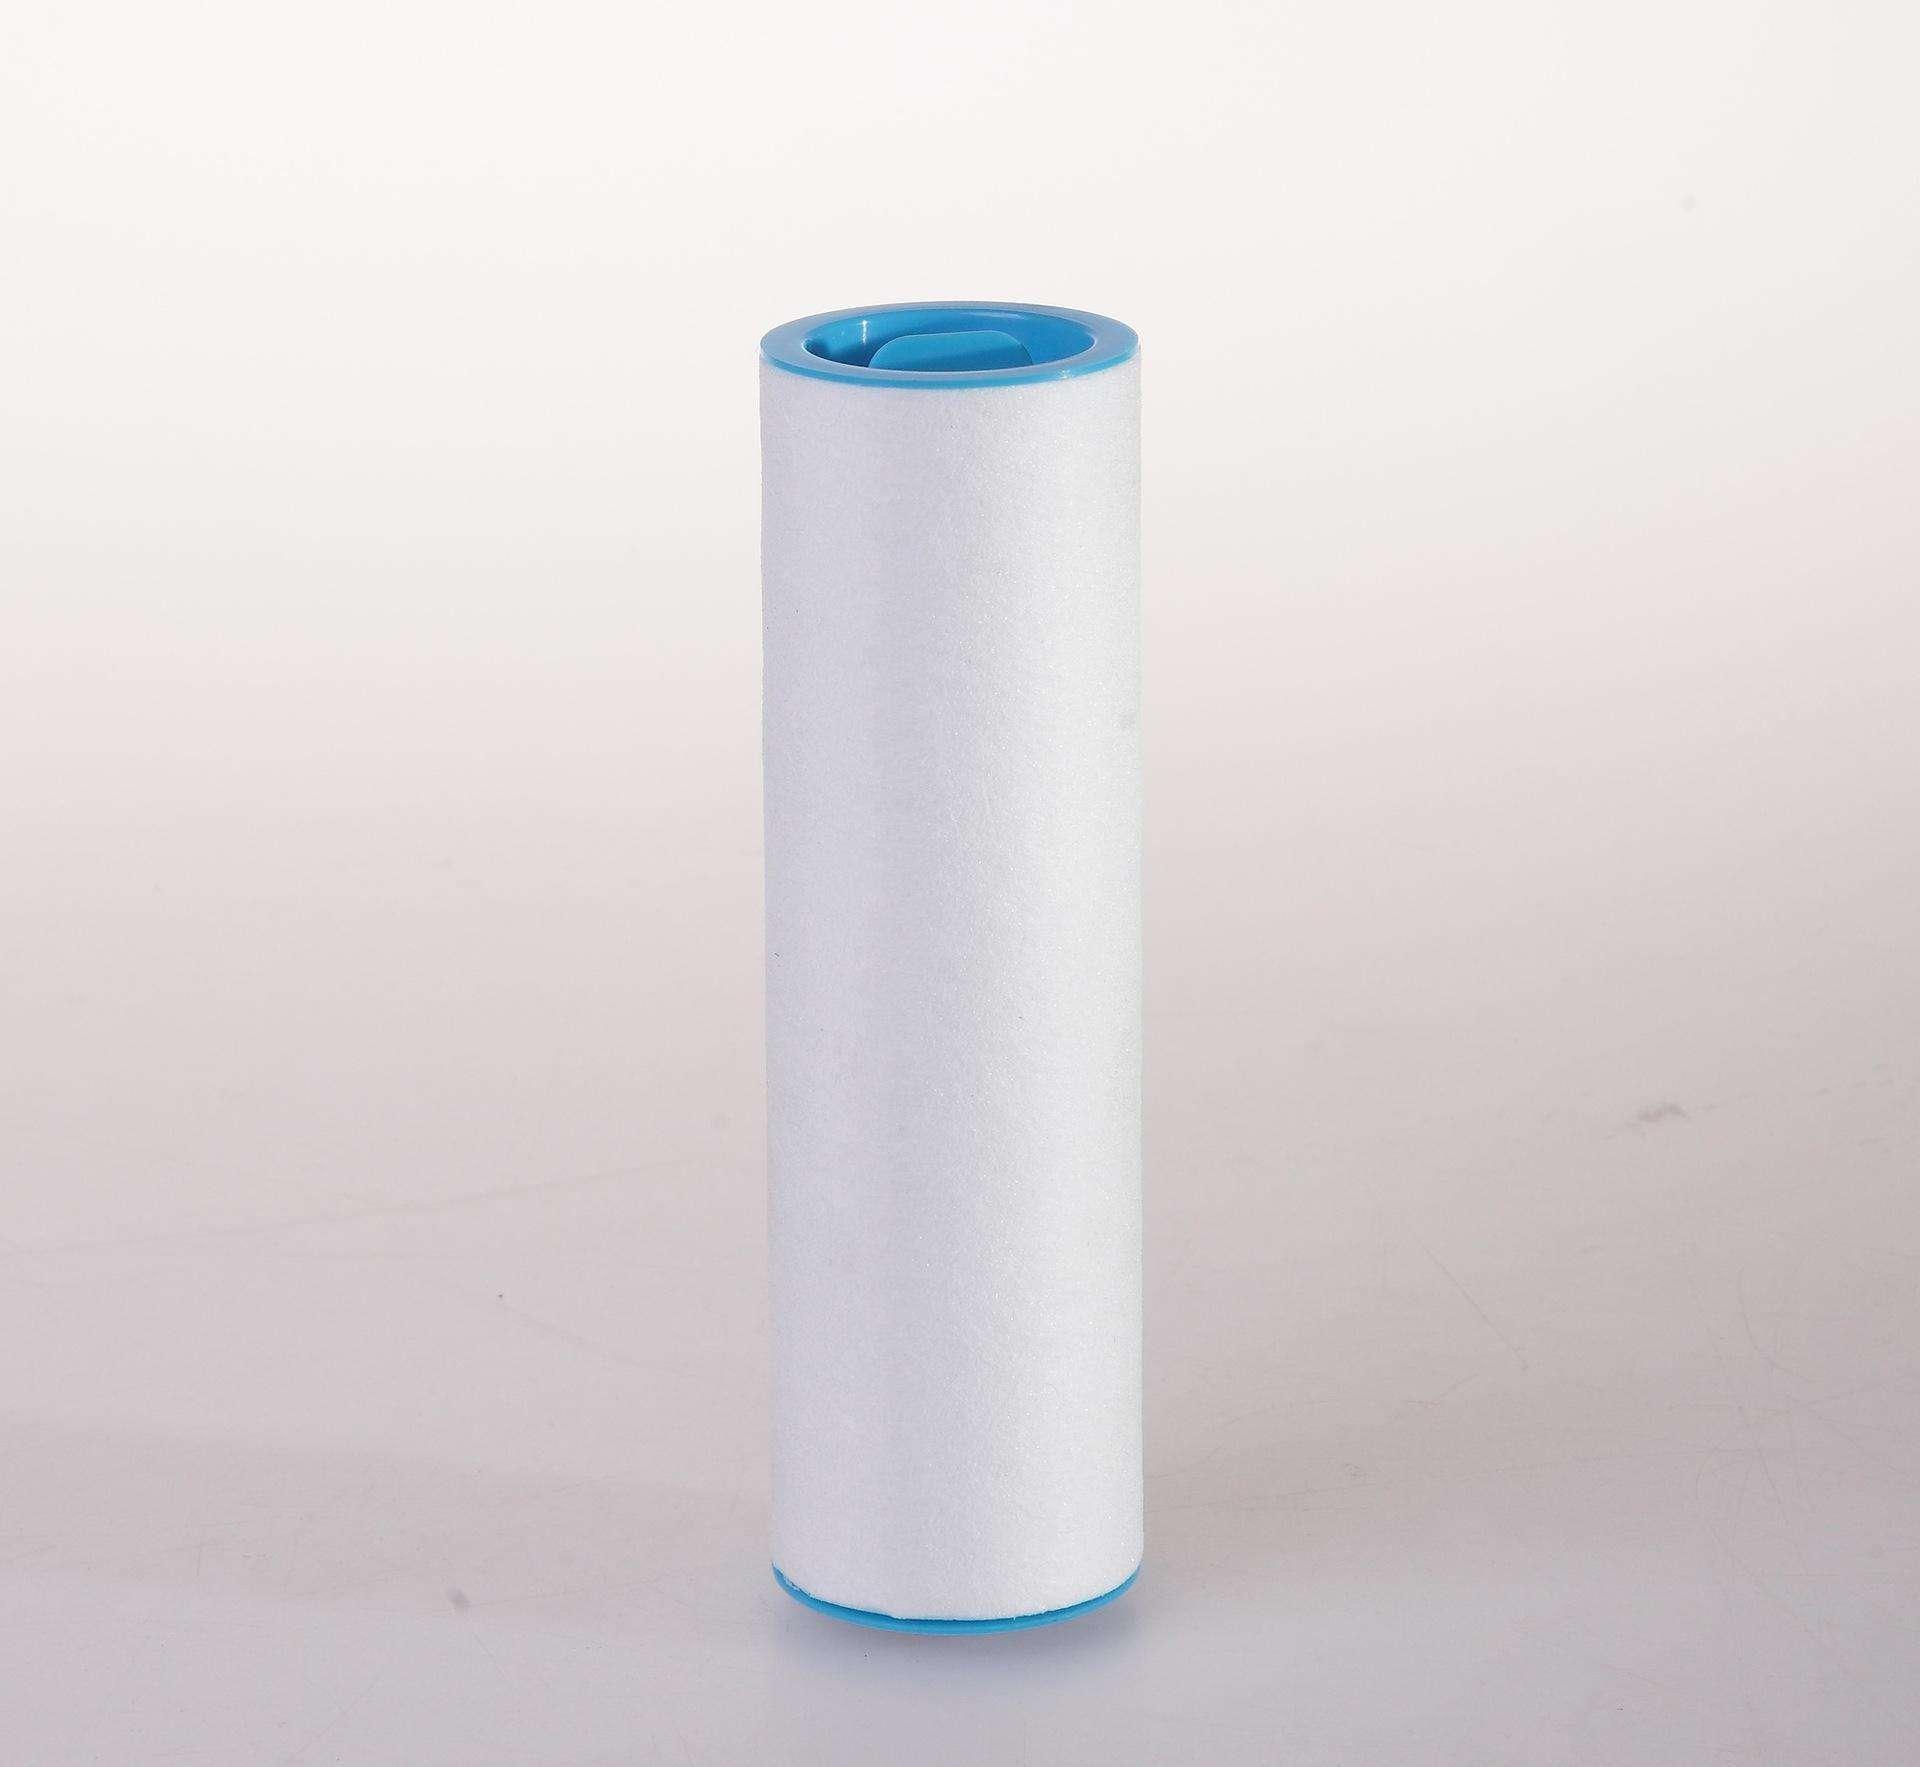 泉来净水器滤芯价格—泉来净水器滤芯多少钱